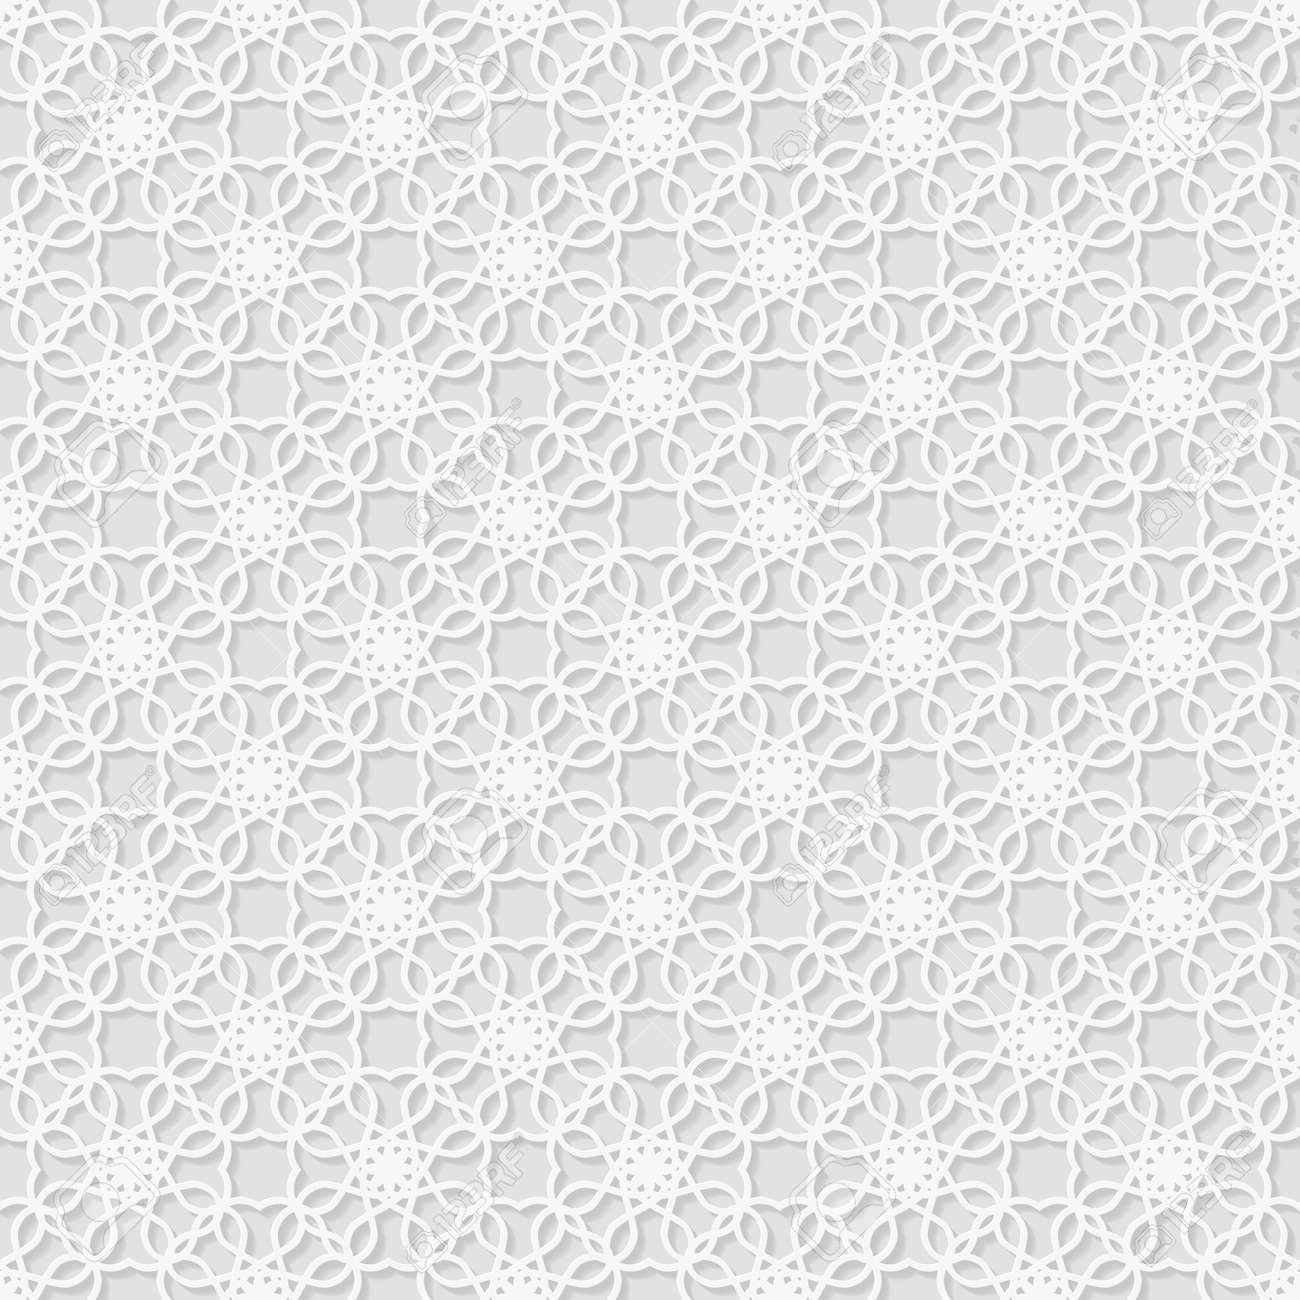 Super Nahtlose Weiß 3D-Muster, Osten Ornament, Indische Verzierung IN96